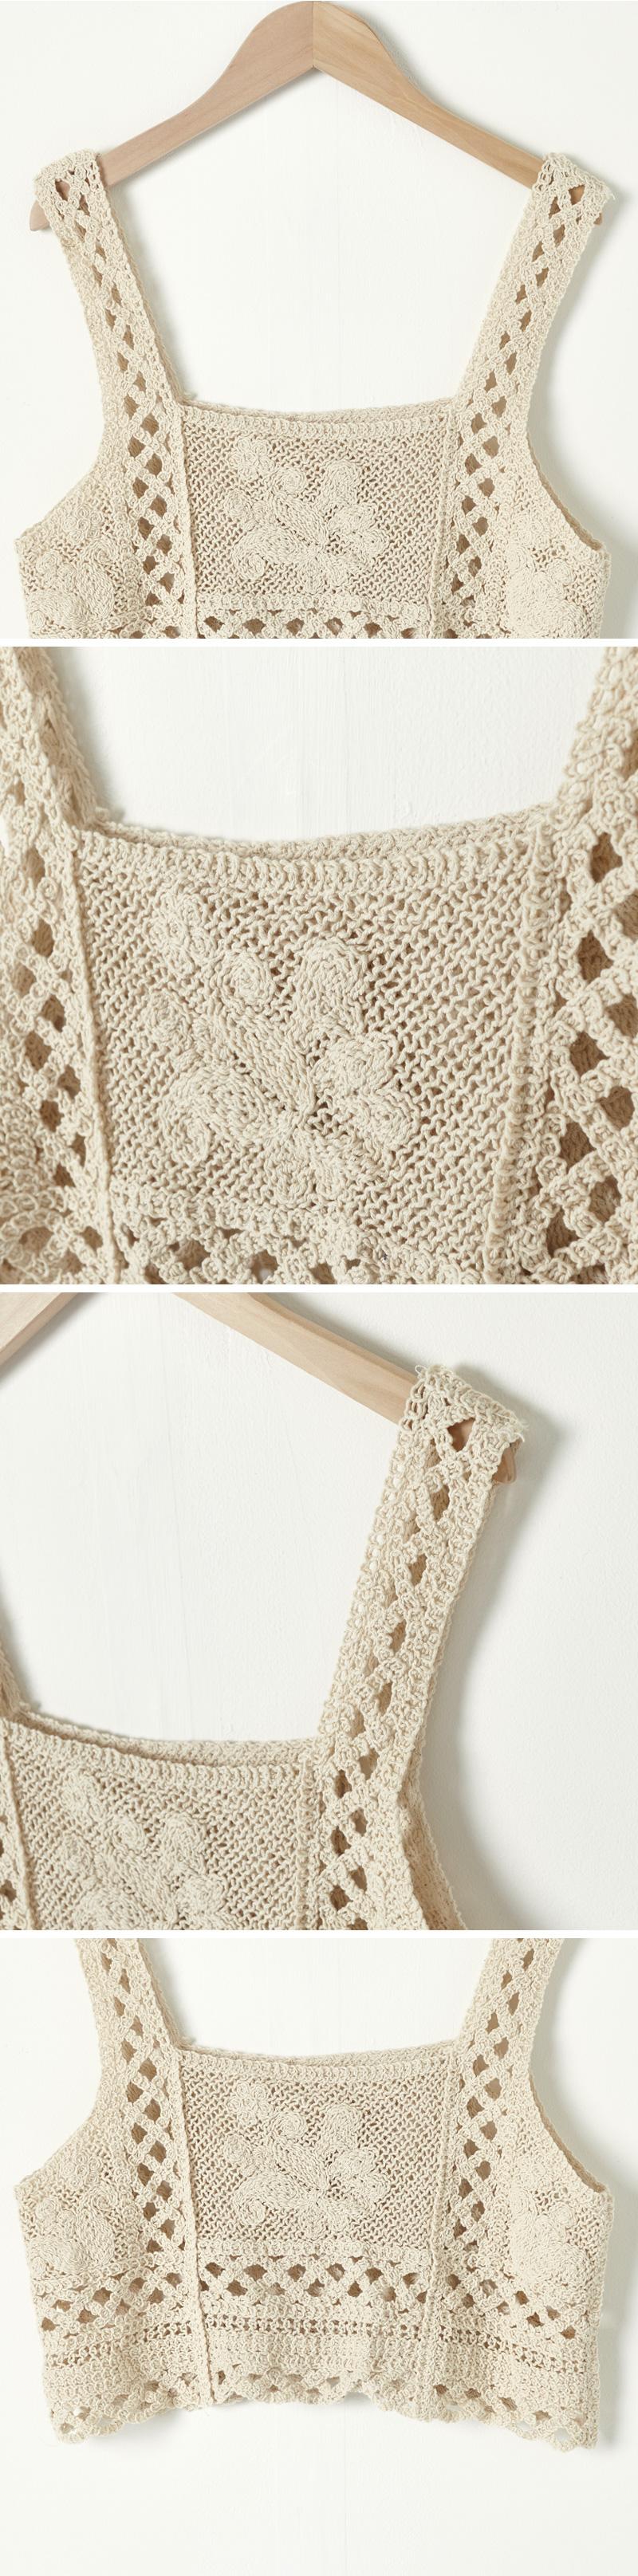 Punching Knitwear Crop Bustier